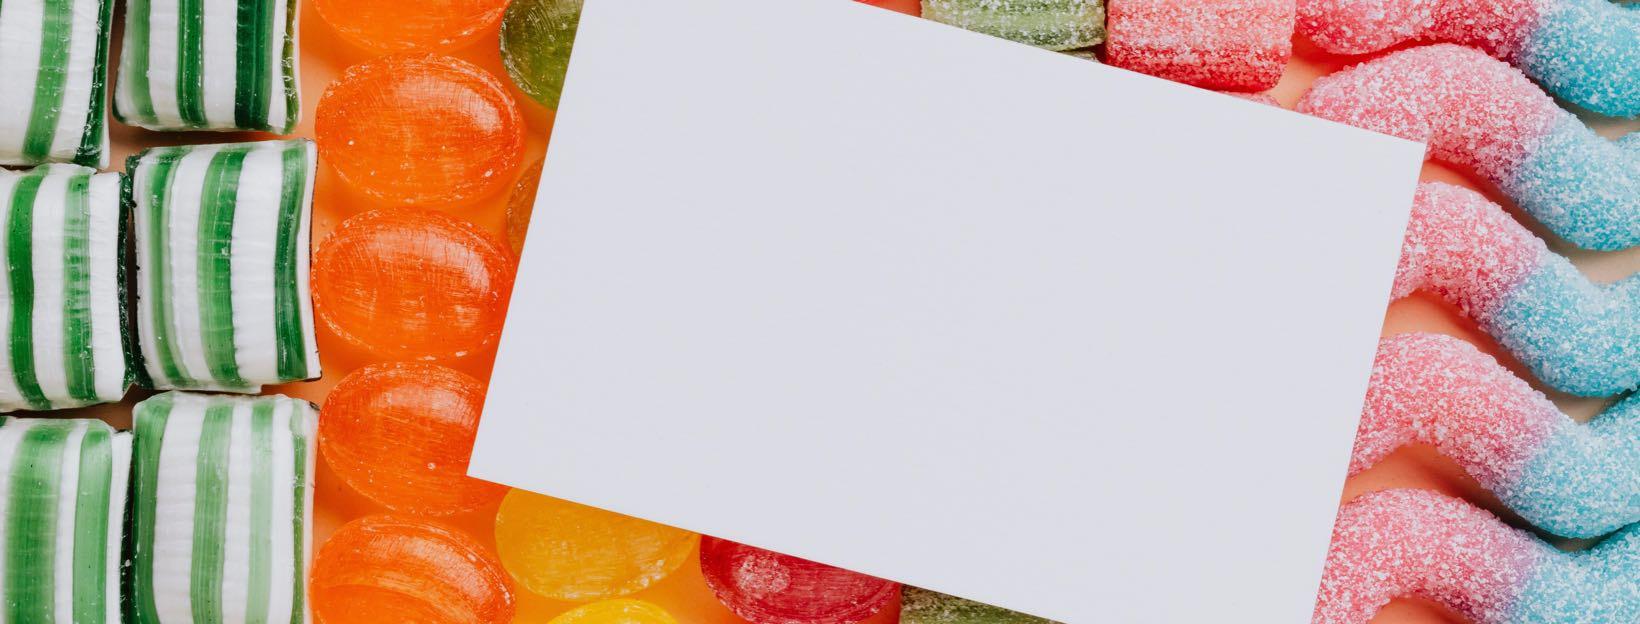 Postkarten für deine Marke selbst gestalten